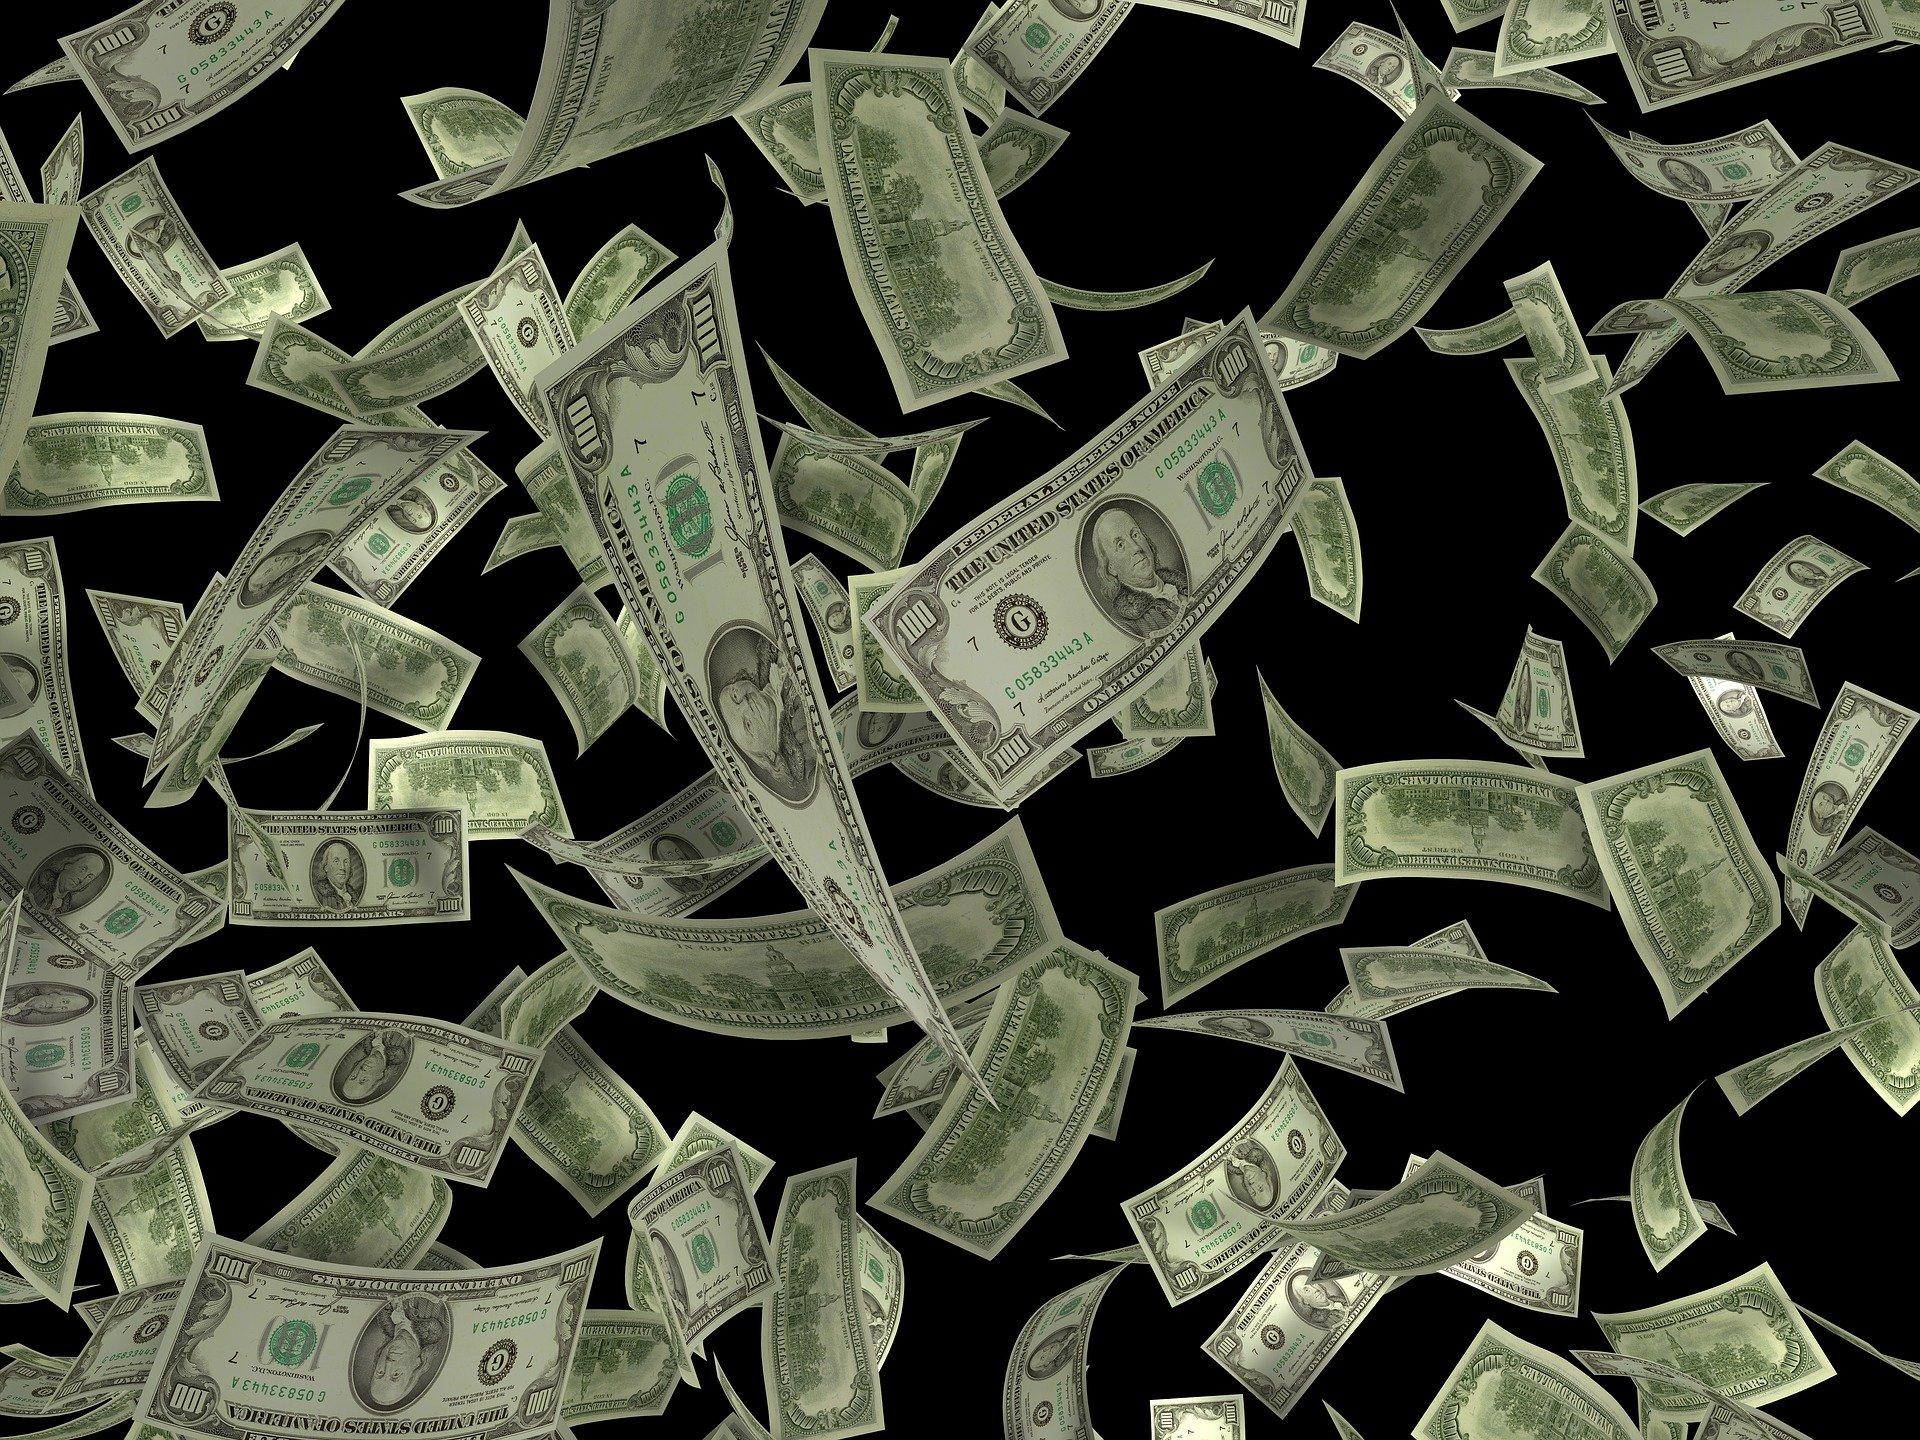 海外FXでのハイレバレッジは怪しくない?本当に儲かる?